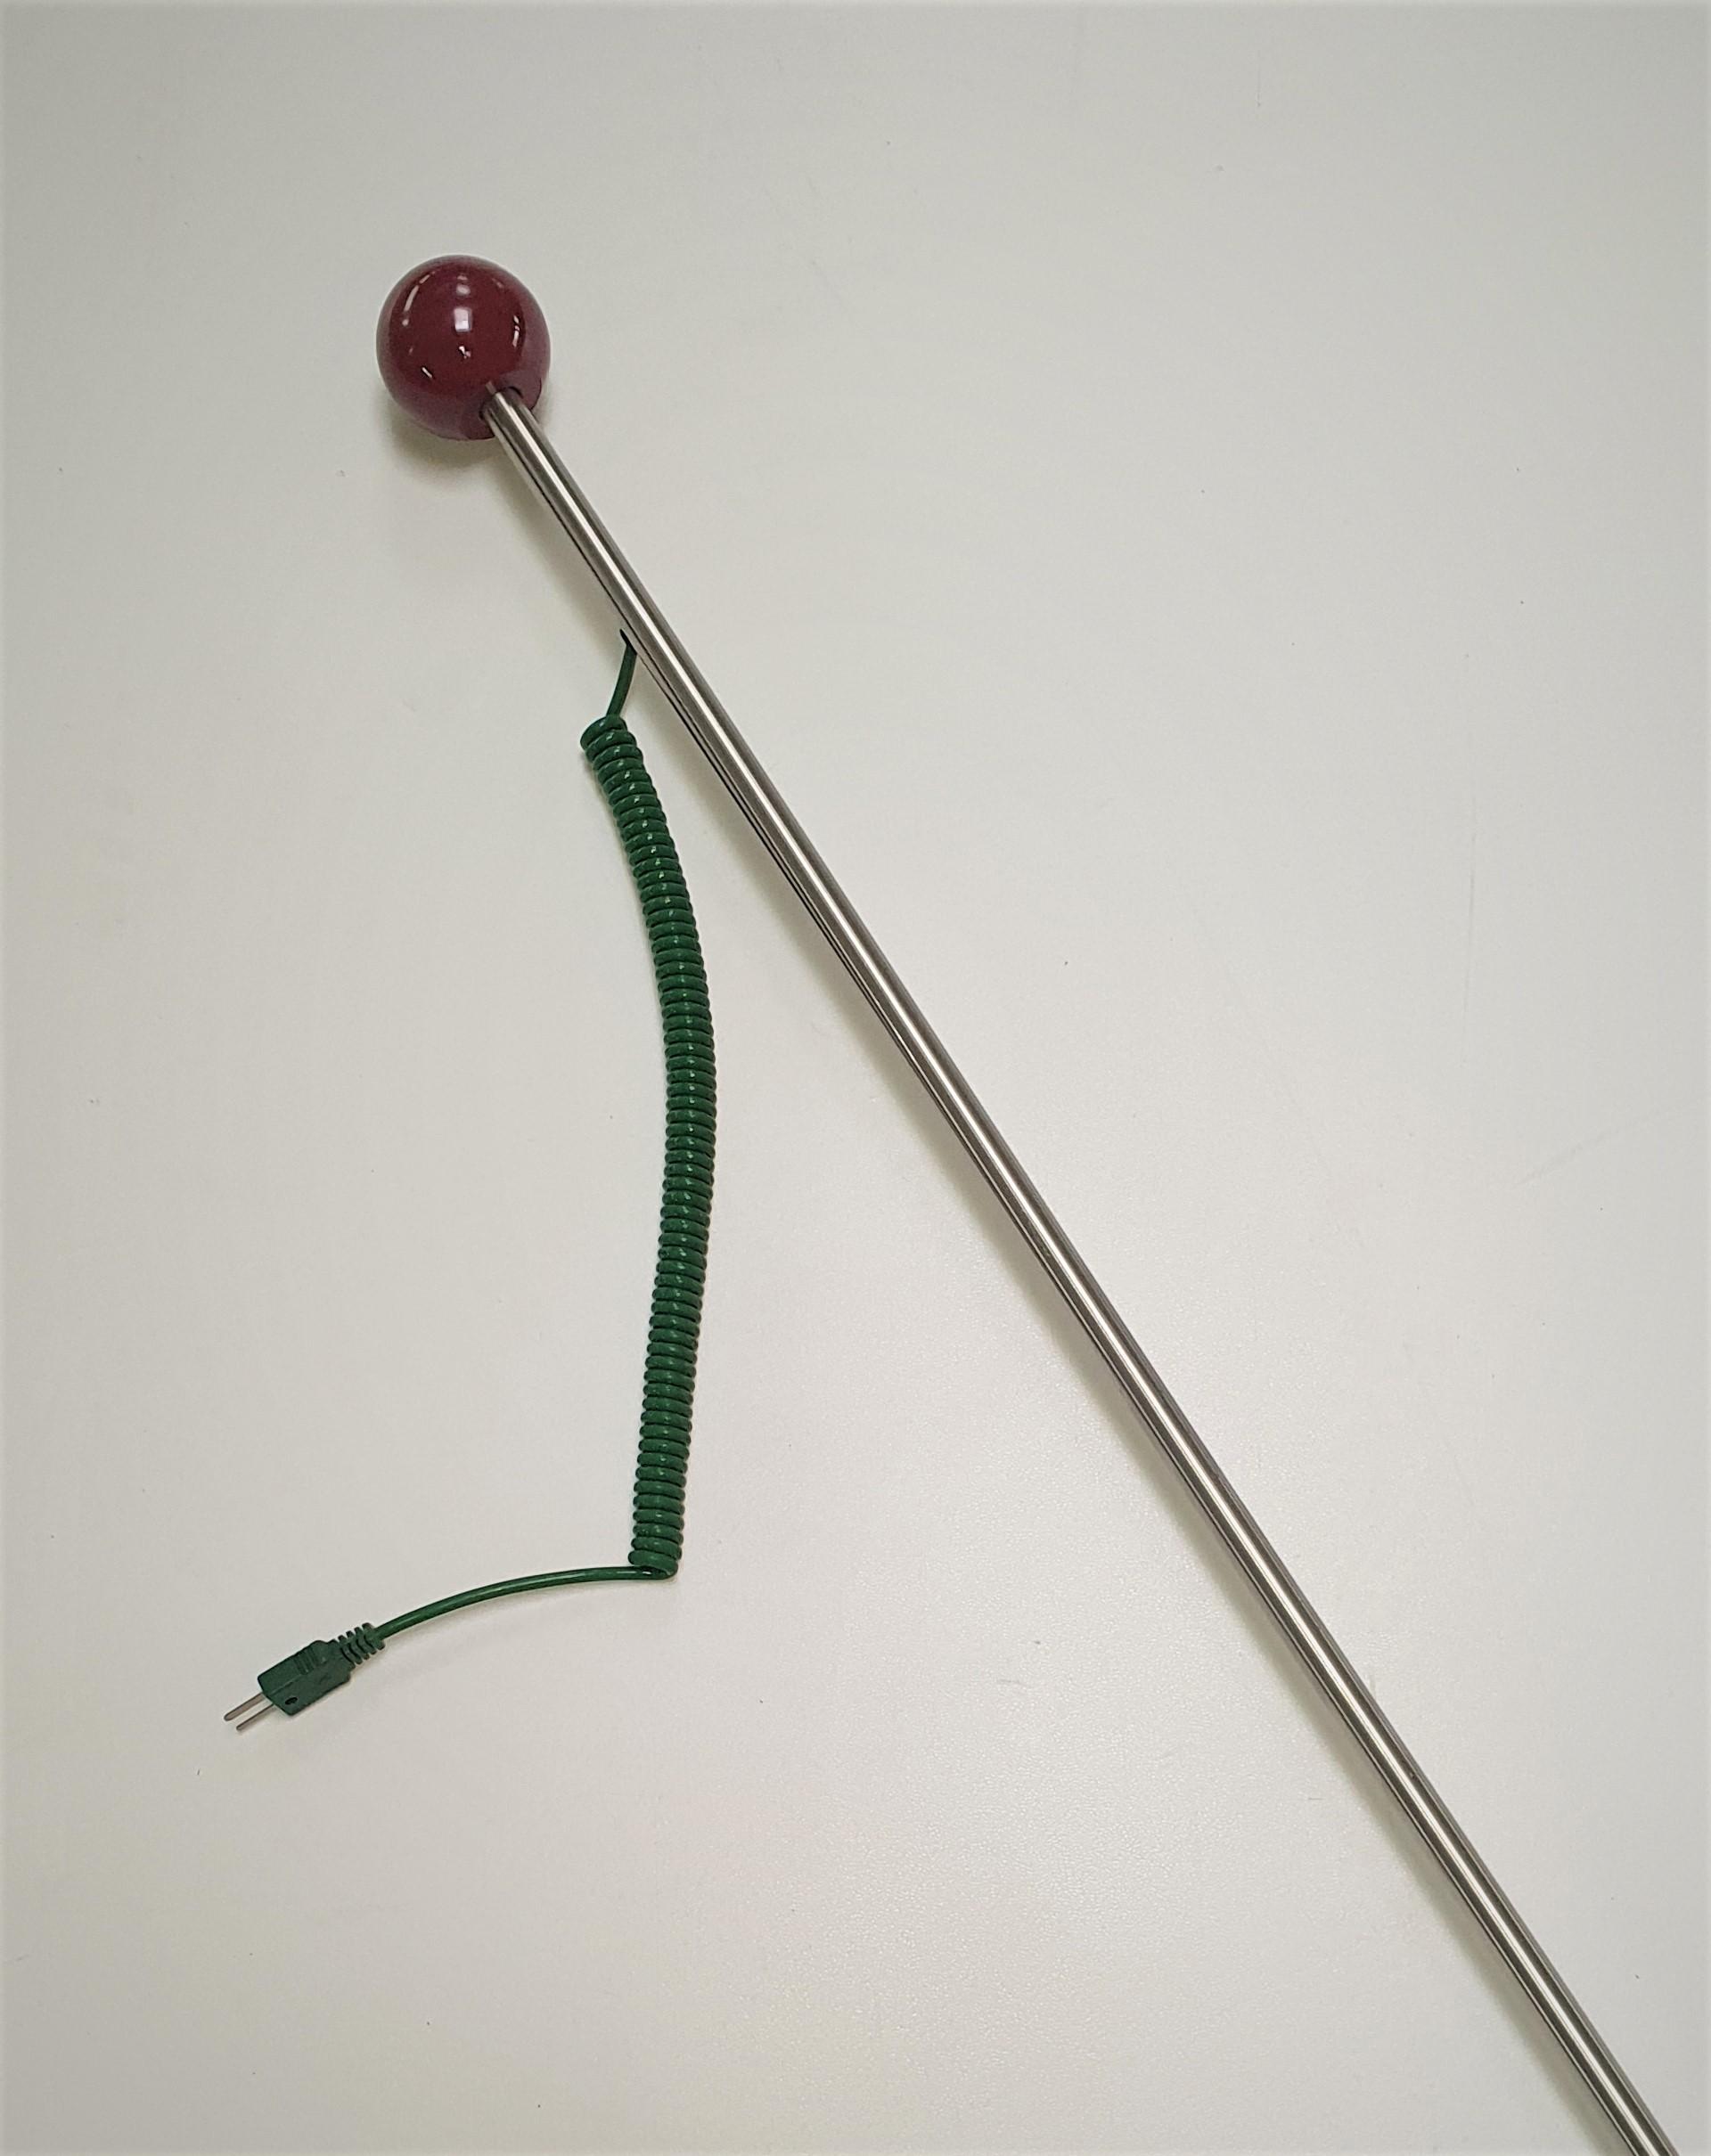 Einstechfühler mit Knauf Edelstahl 1,0 m   Durchmesser  12 mm